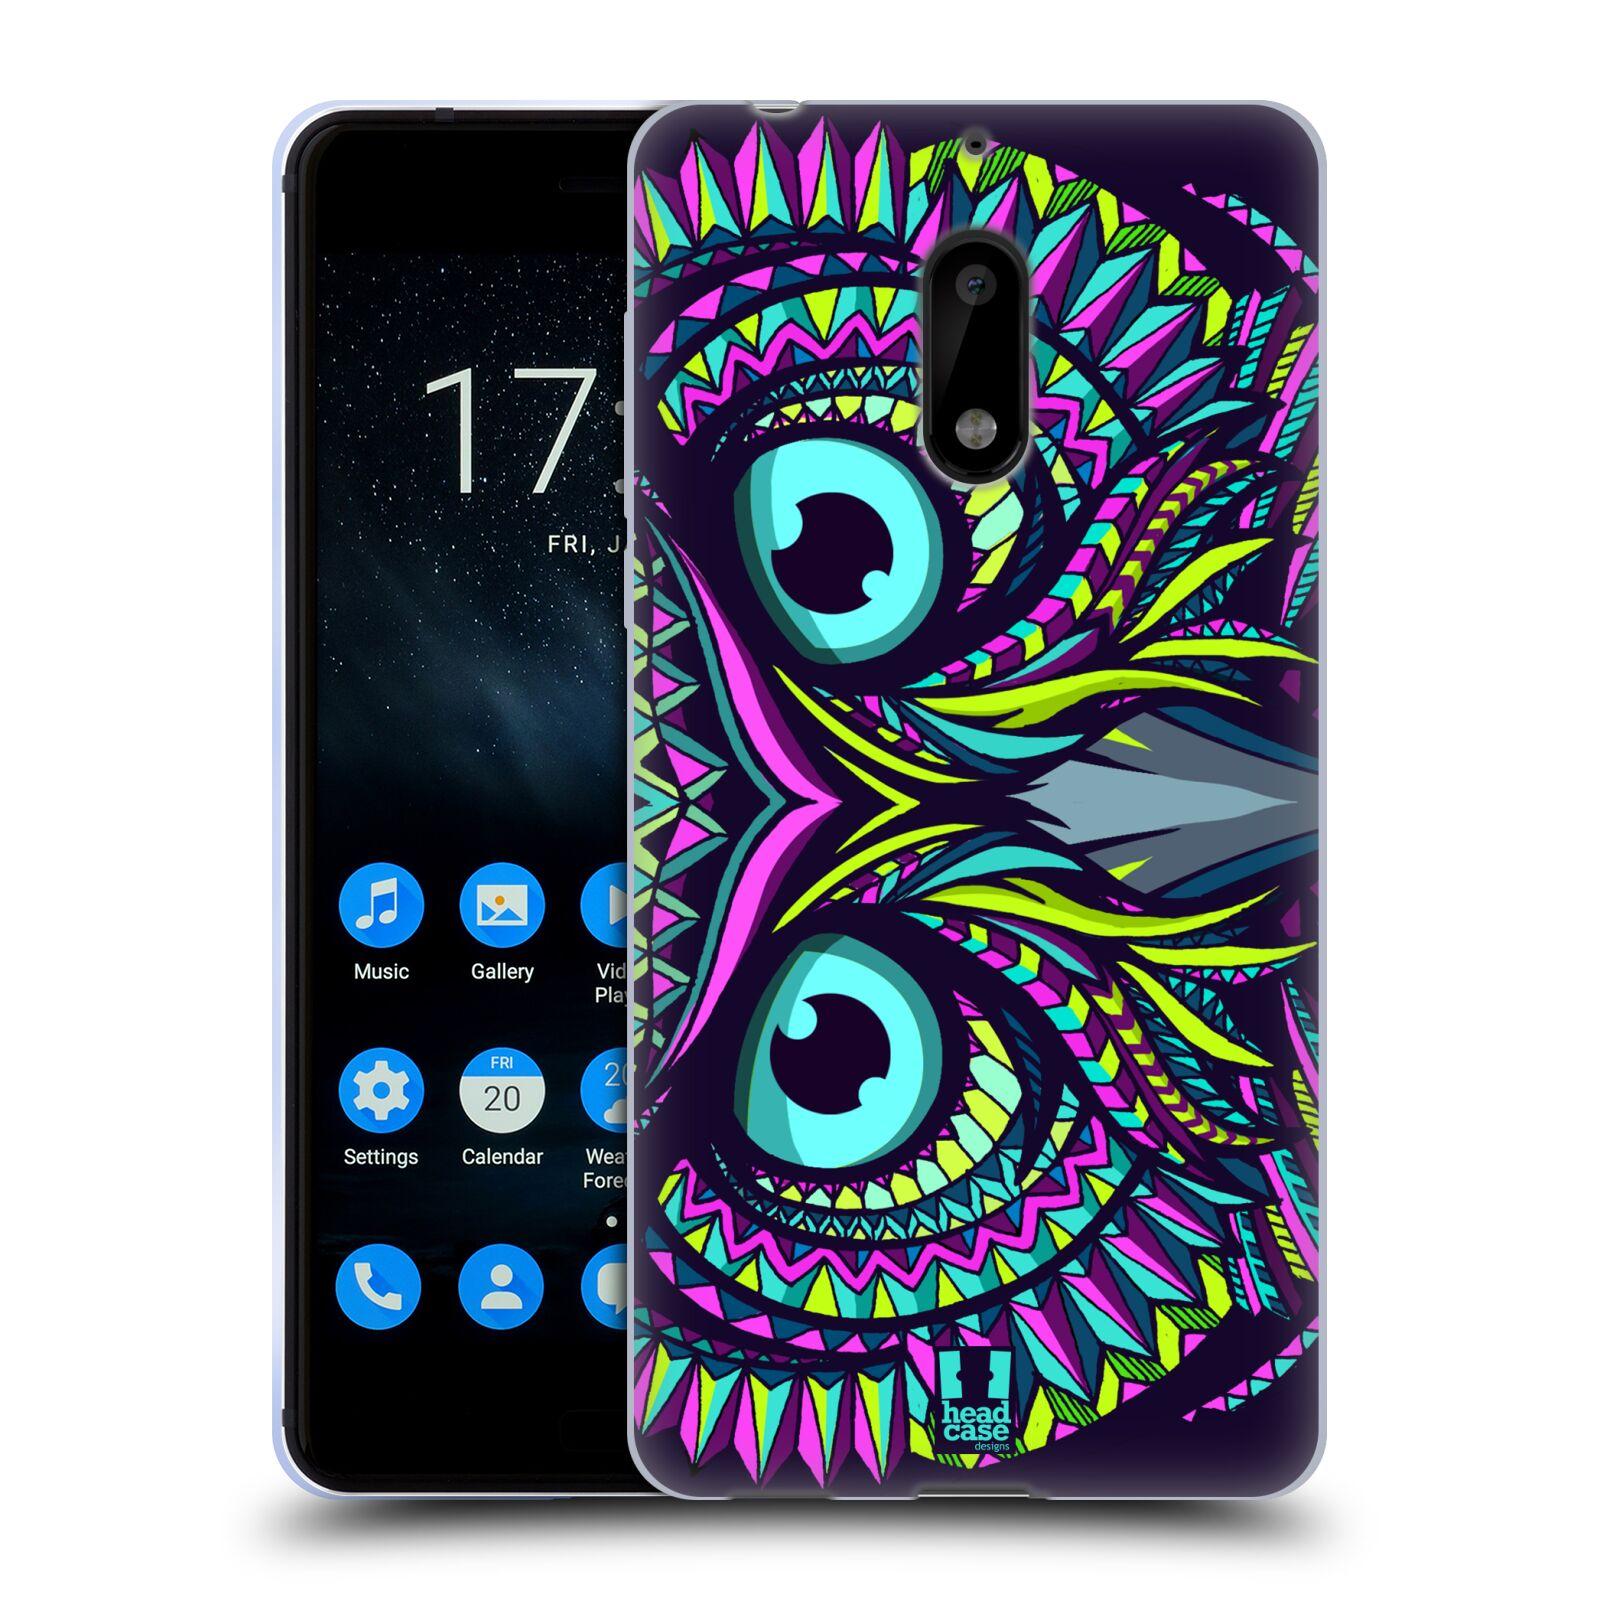 Silikonové pouzdro na mobil Nokia 6 - Head Case - AZTEC SOVA